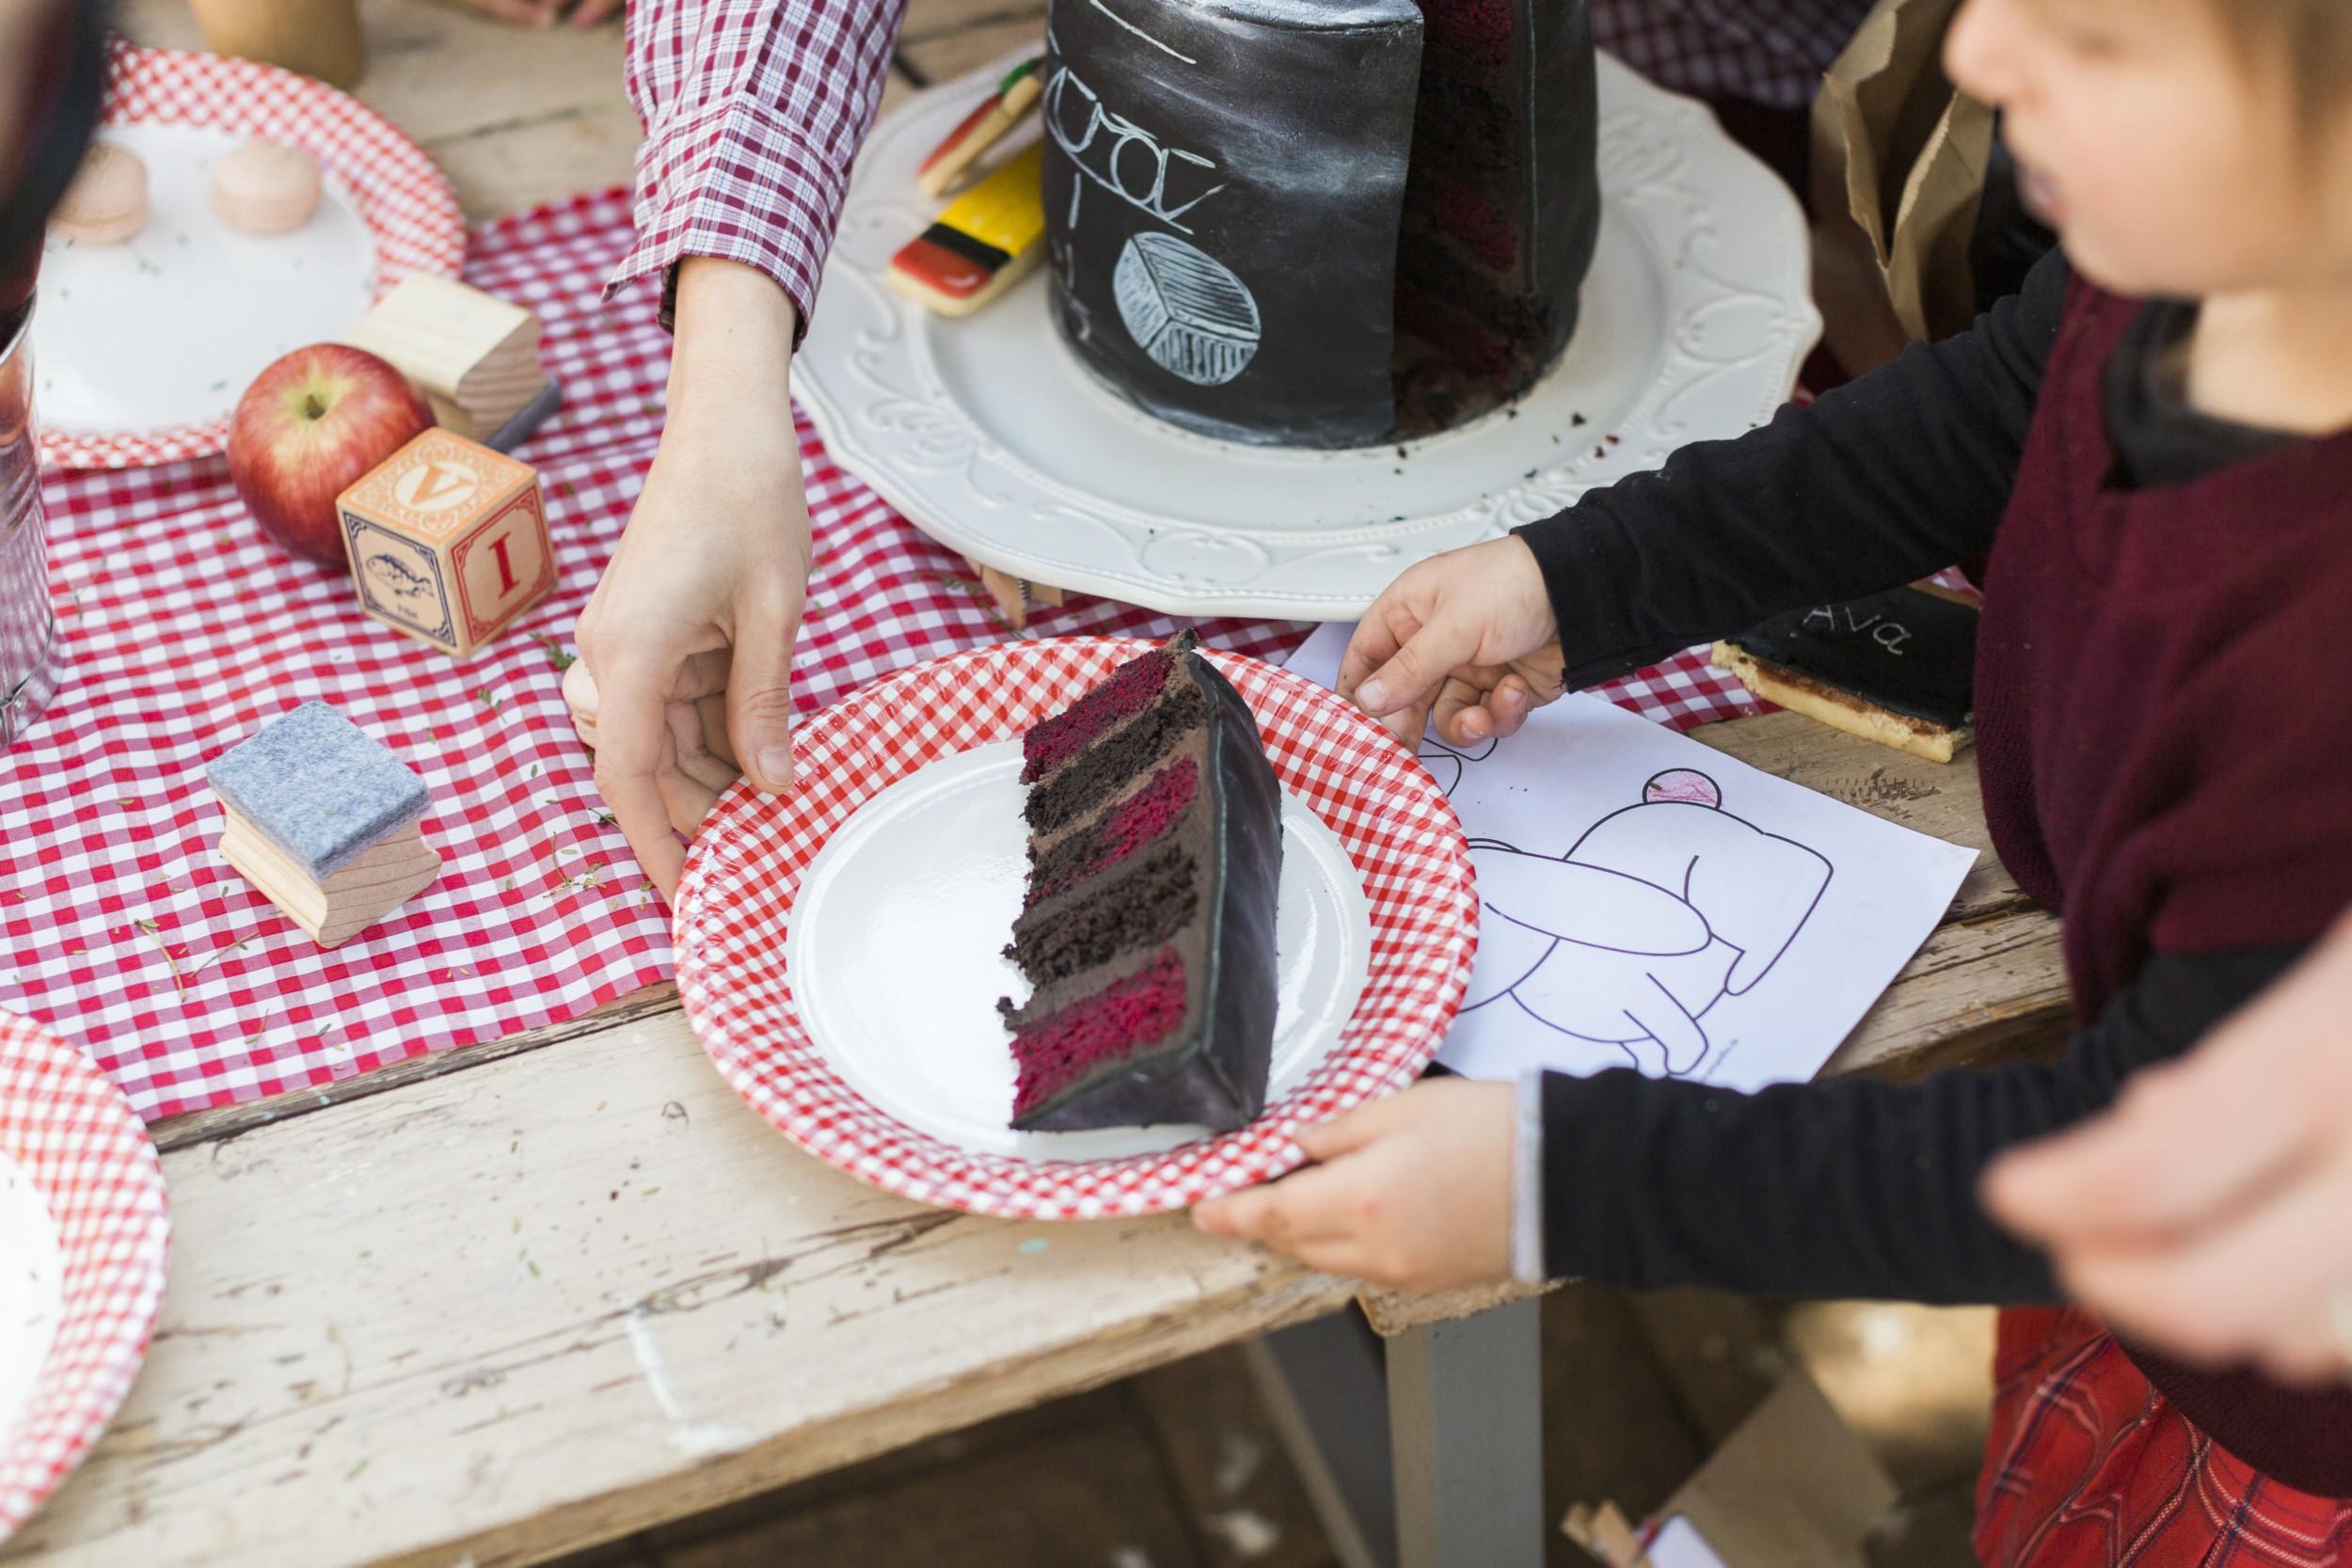 Red and black layered birthday cake